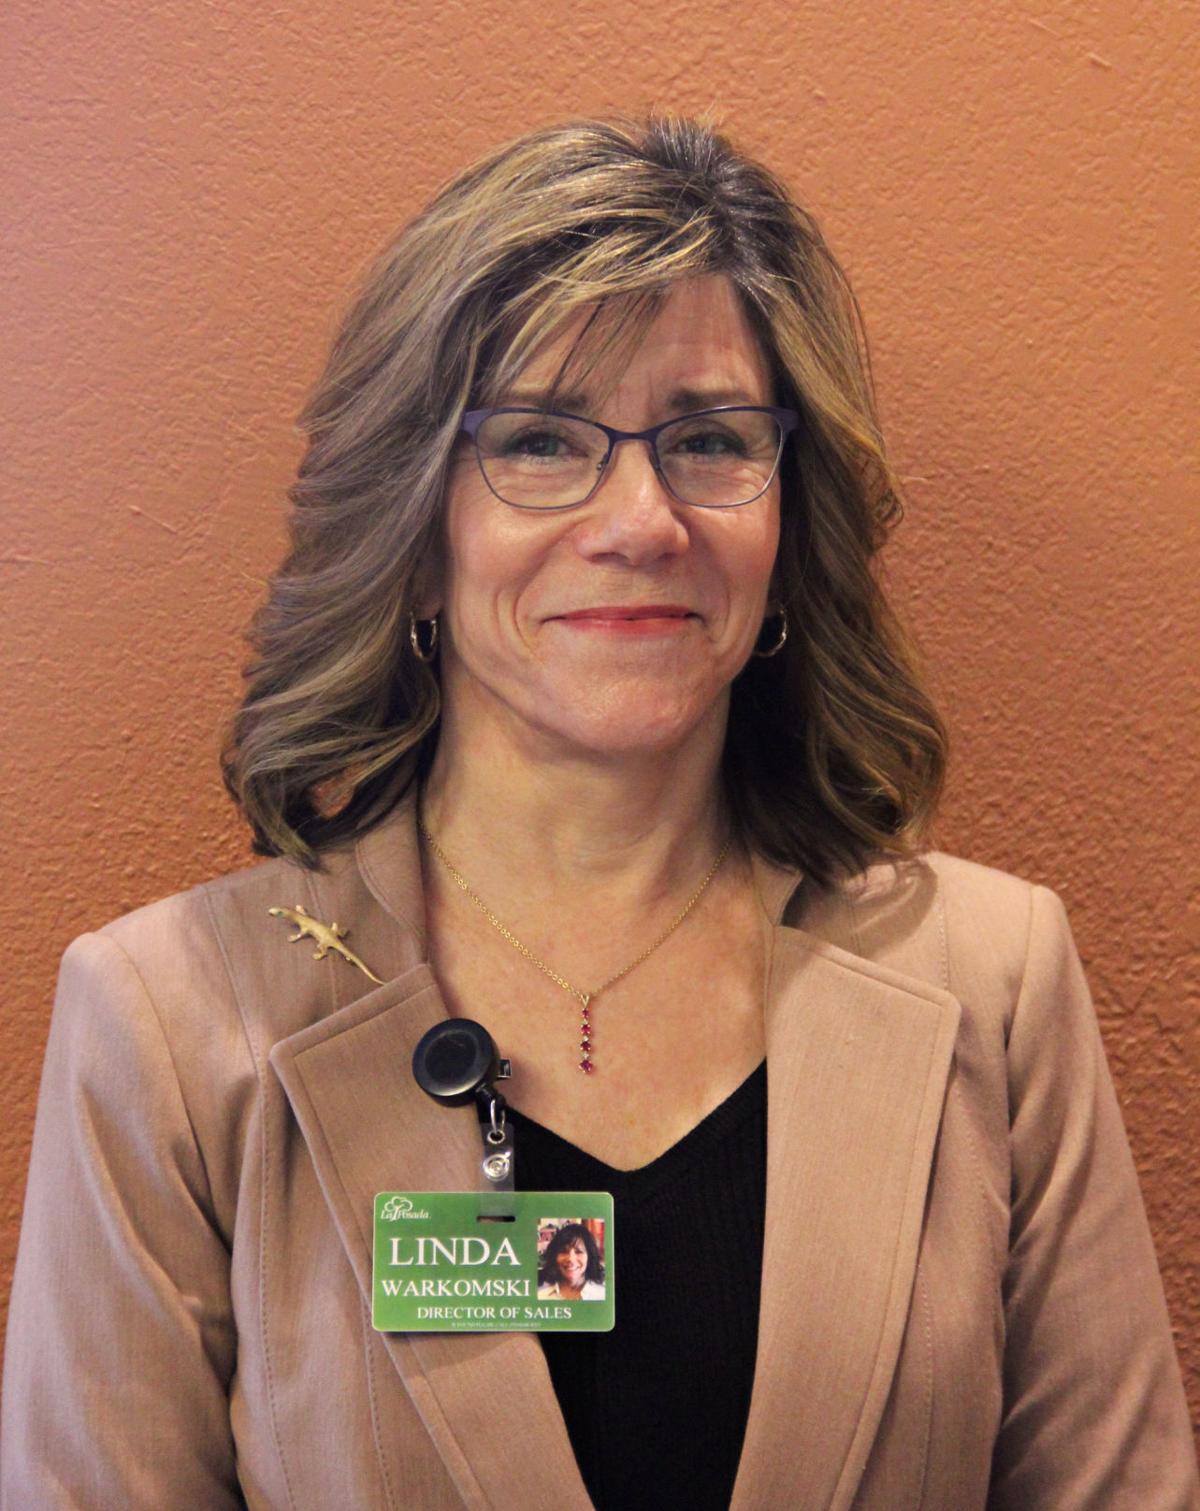 Linda Warkomski